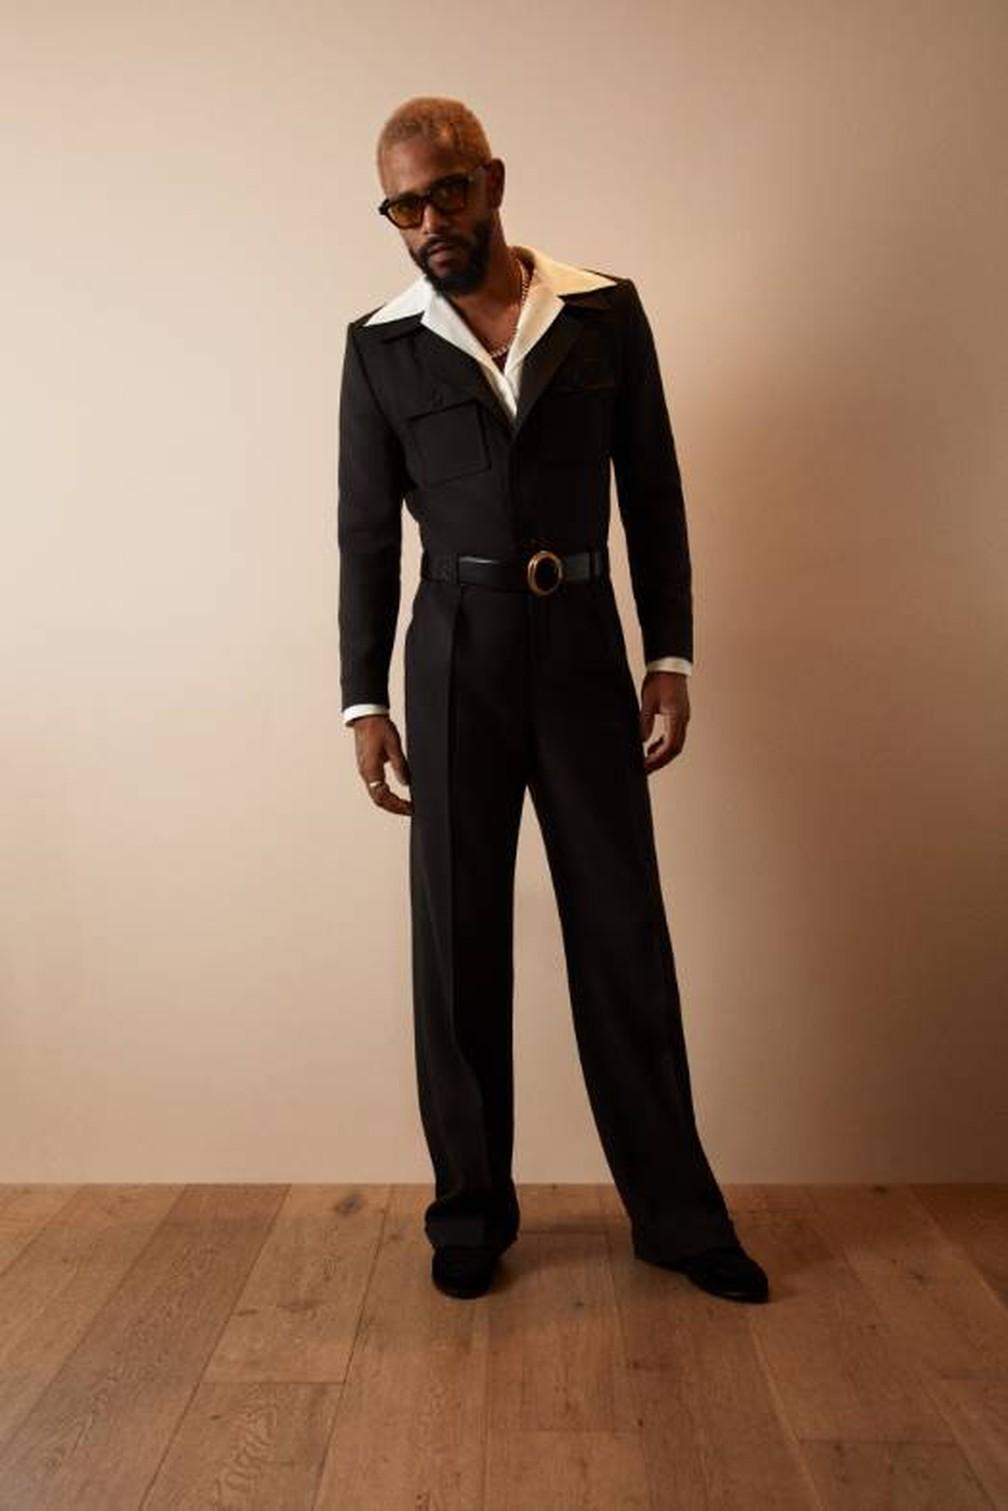 LaKeith Stanfield posa antes do Oscar 2021 — Foto: Divulgação